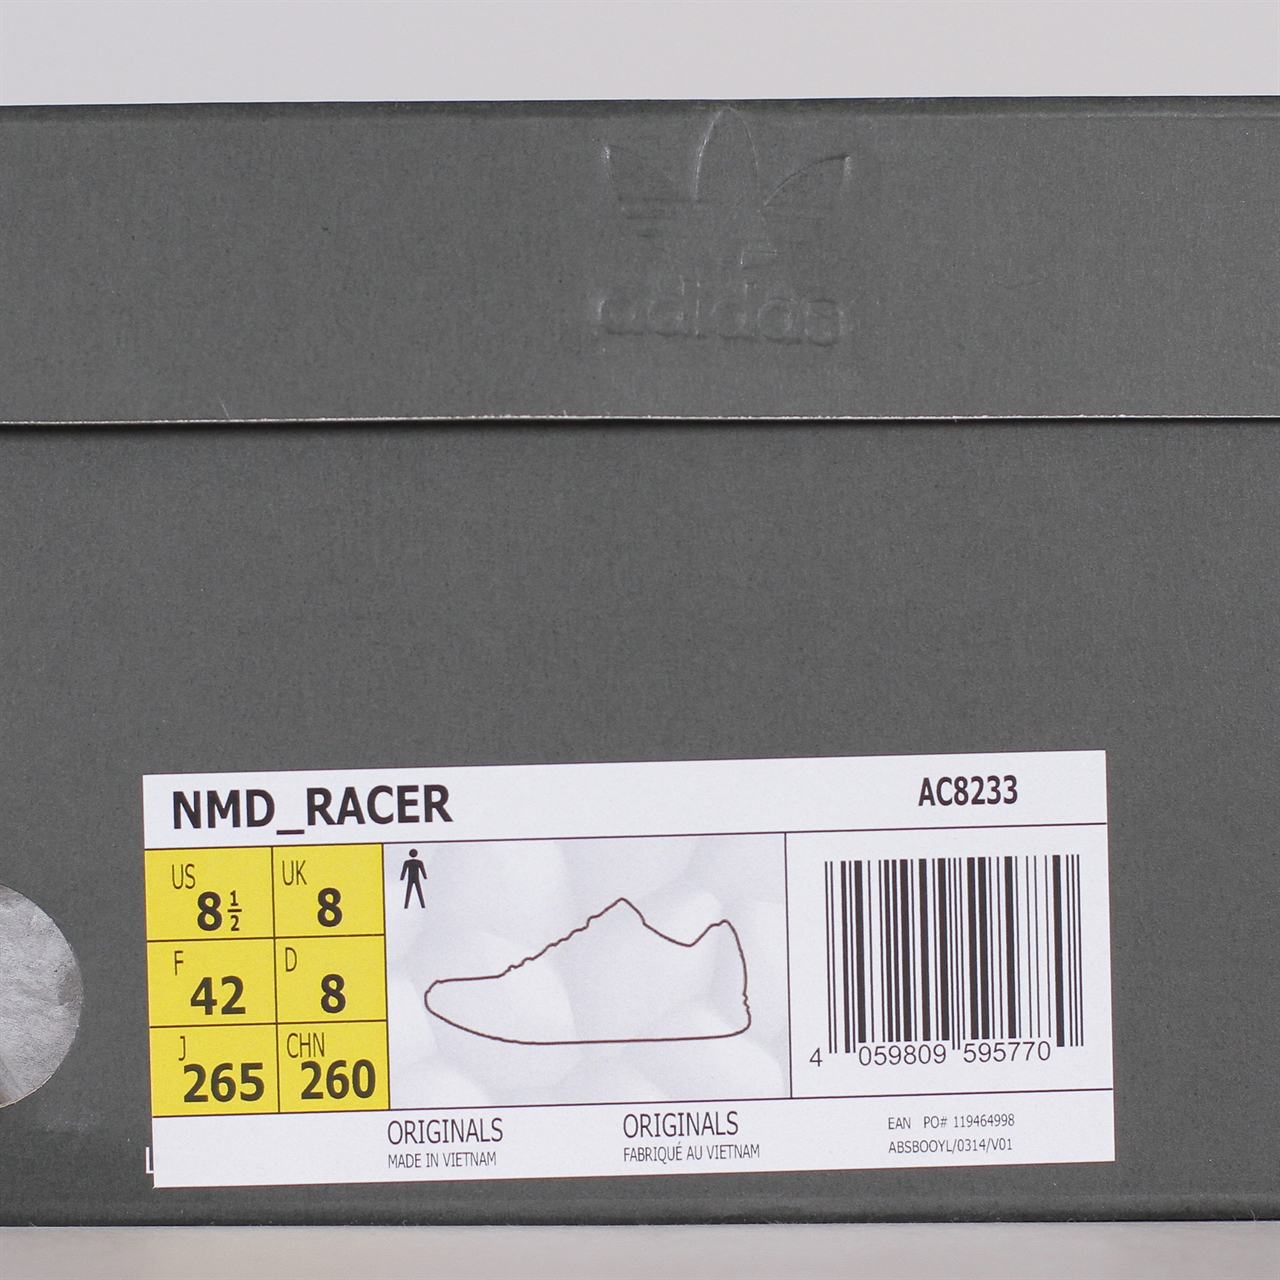 release date 41dcd d2f8f Adidas OriginalsAdidas Originals NMD Racer  Monaco   (AC8233) . 1